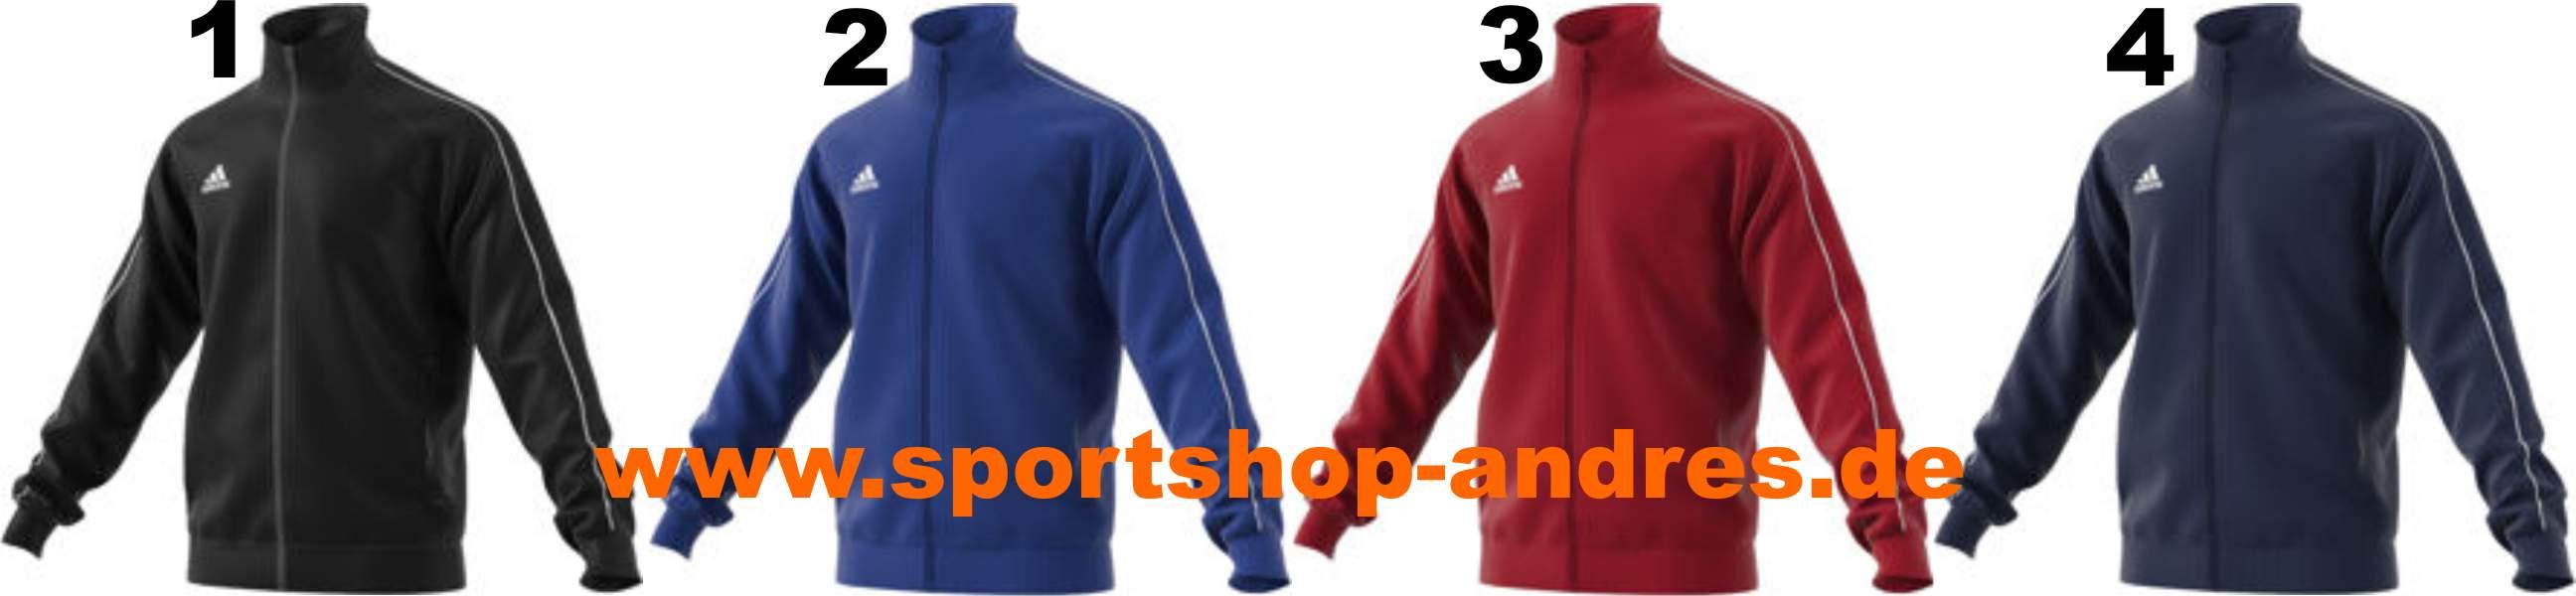 Sportshop Andres Adidas Core 18 Polyesterjacke für Kinder